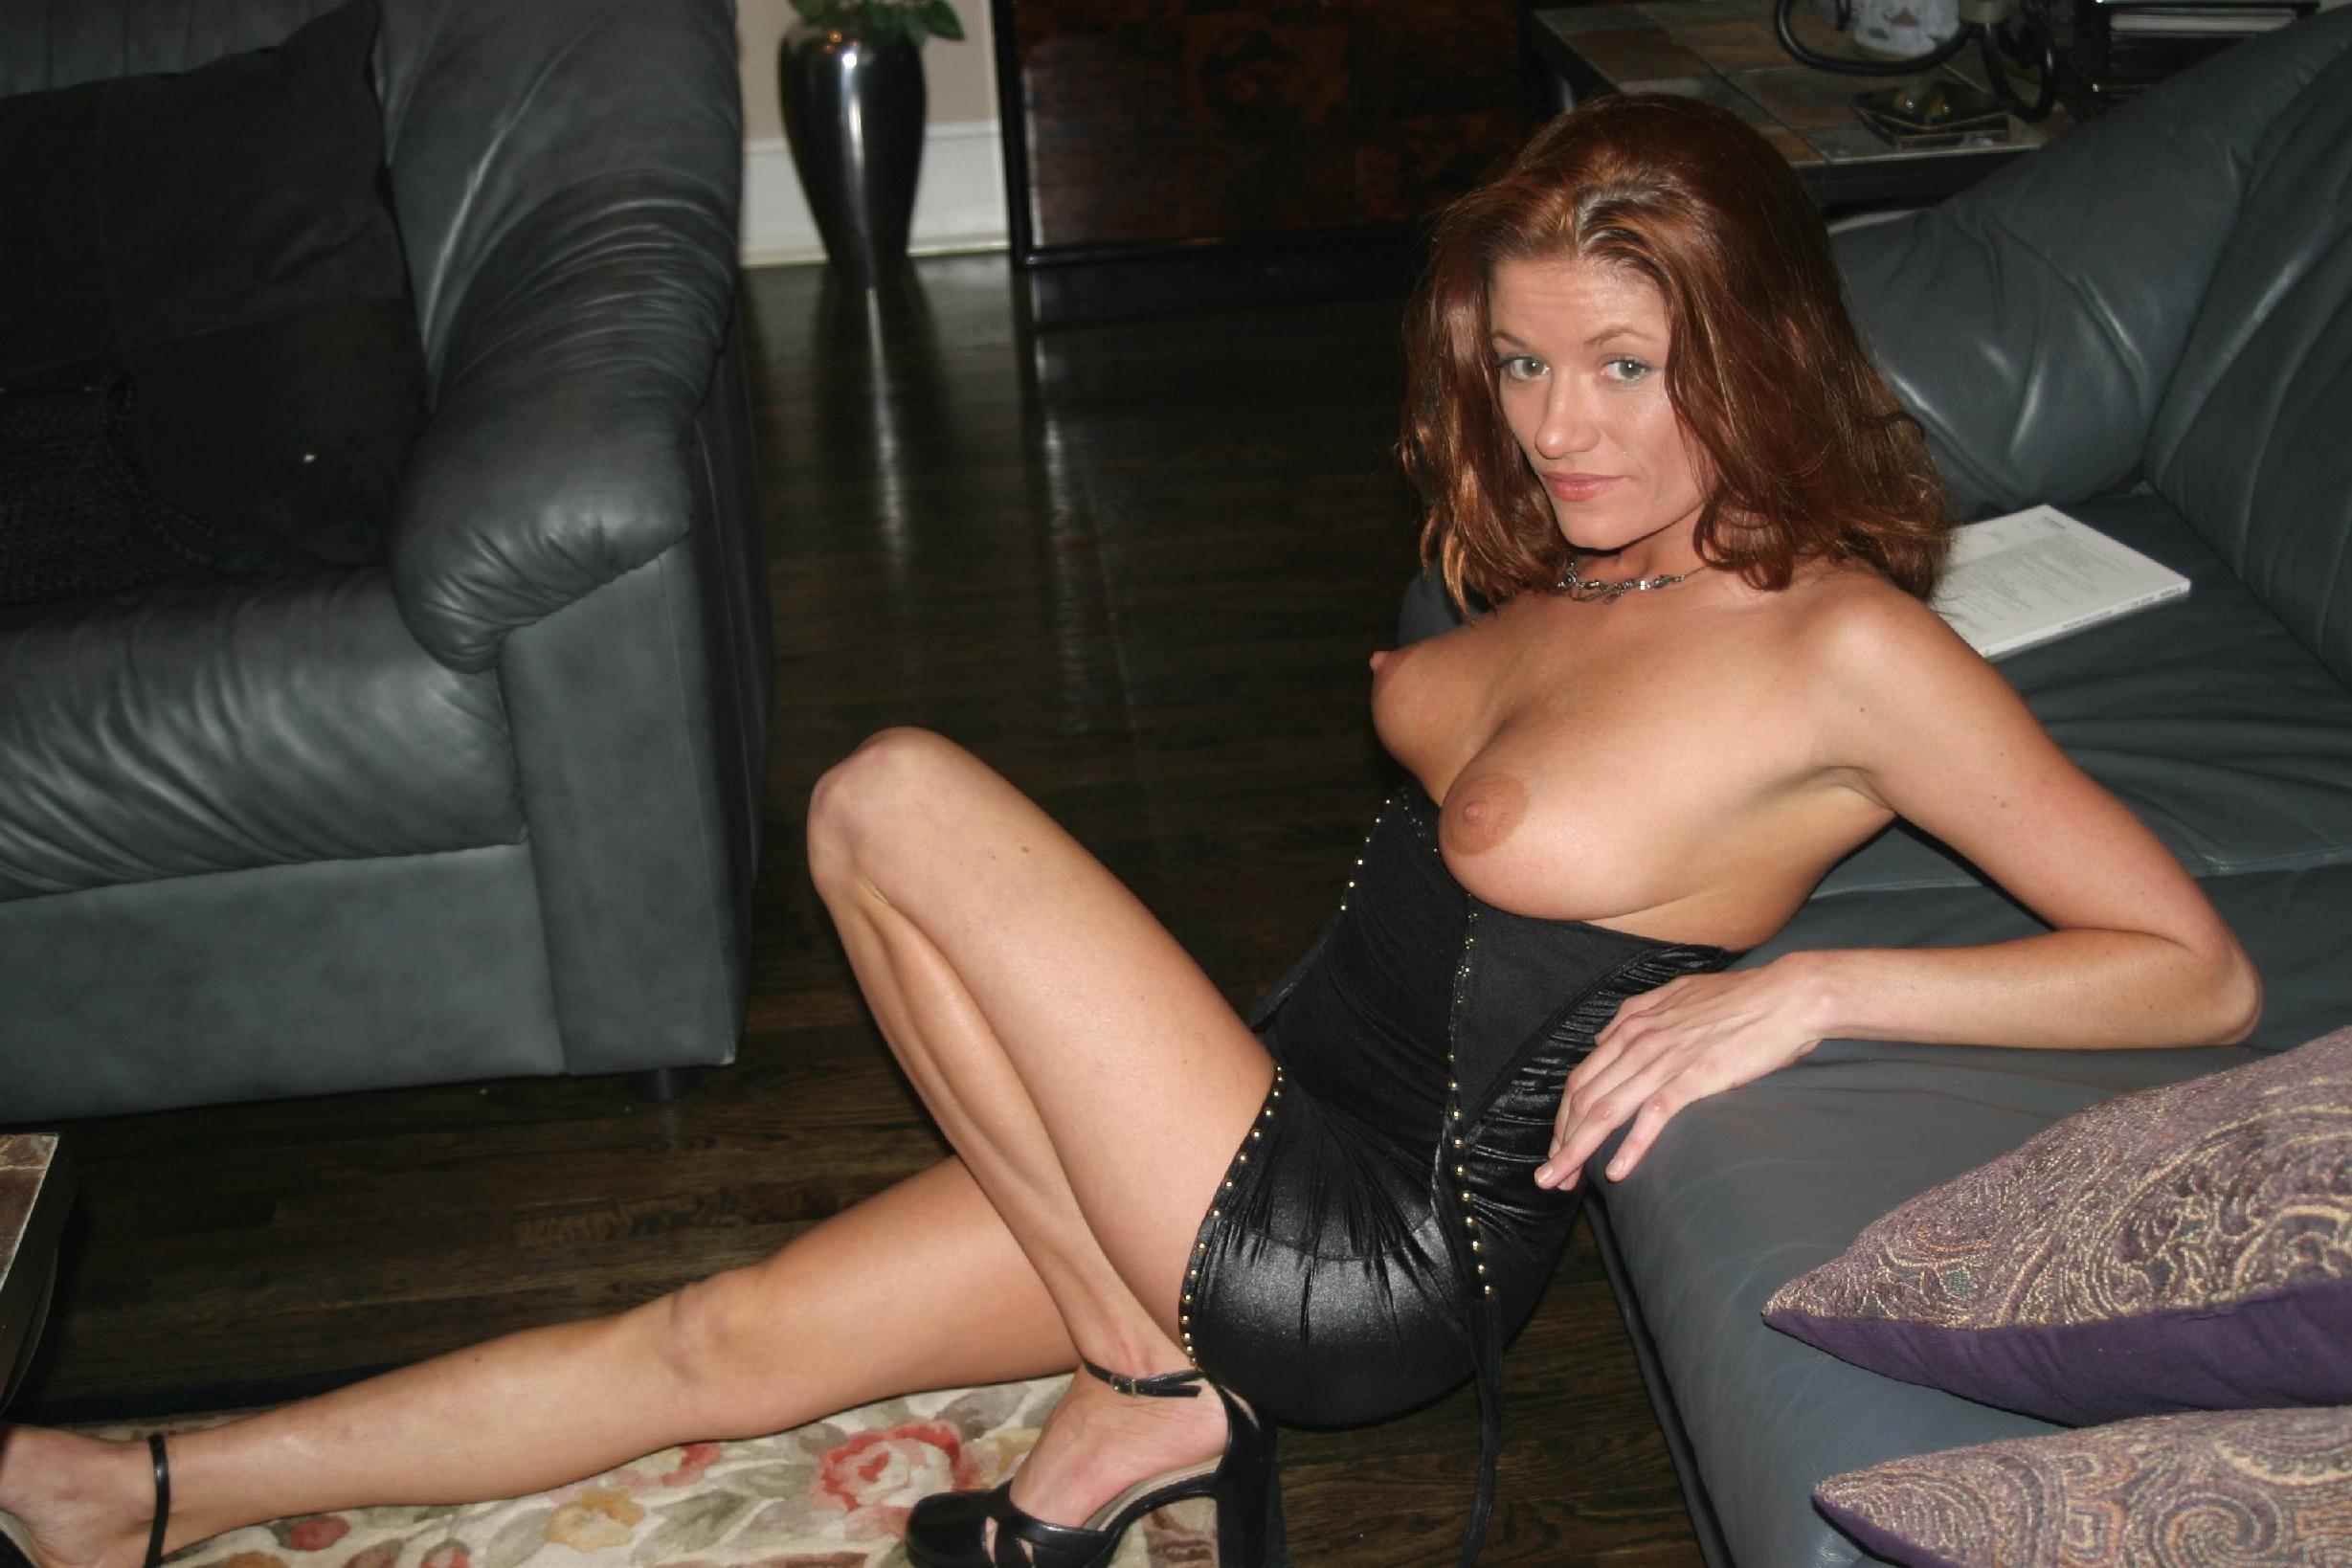 Люцилла хранит большую коллекцию фотографий, на которых она всегда очень сексуальна